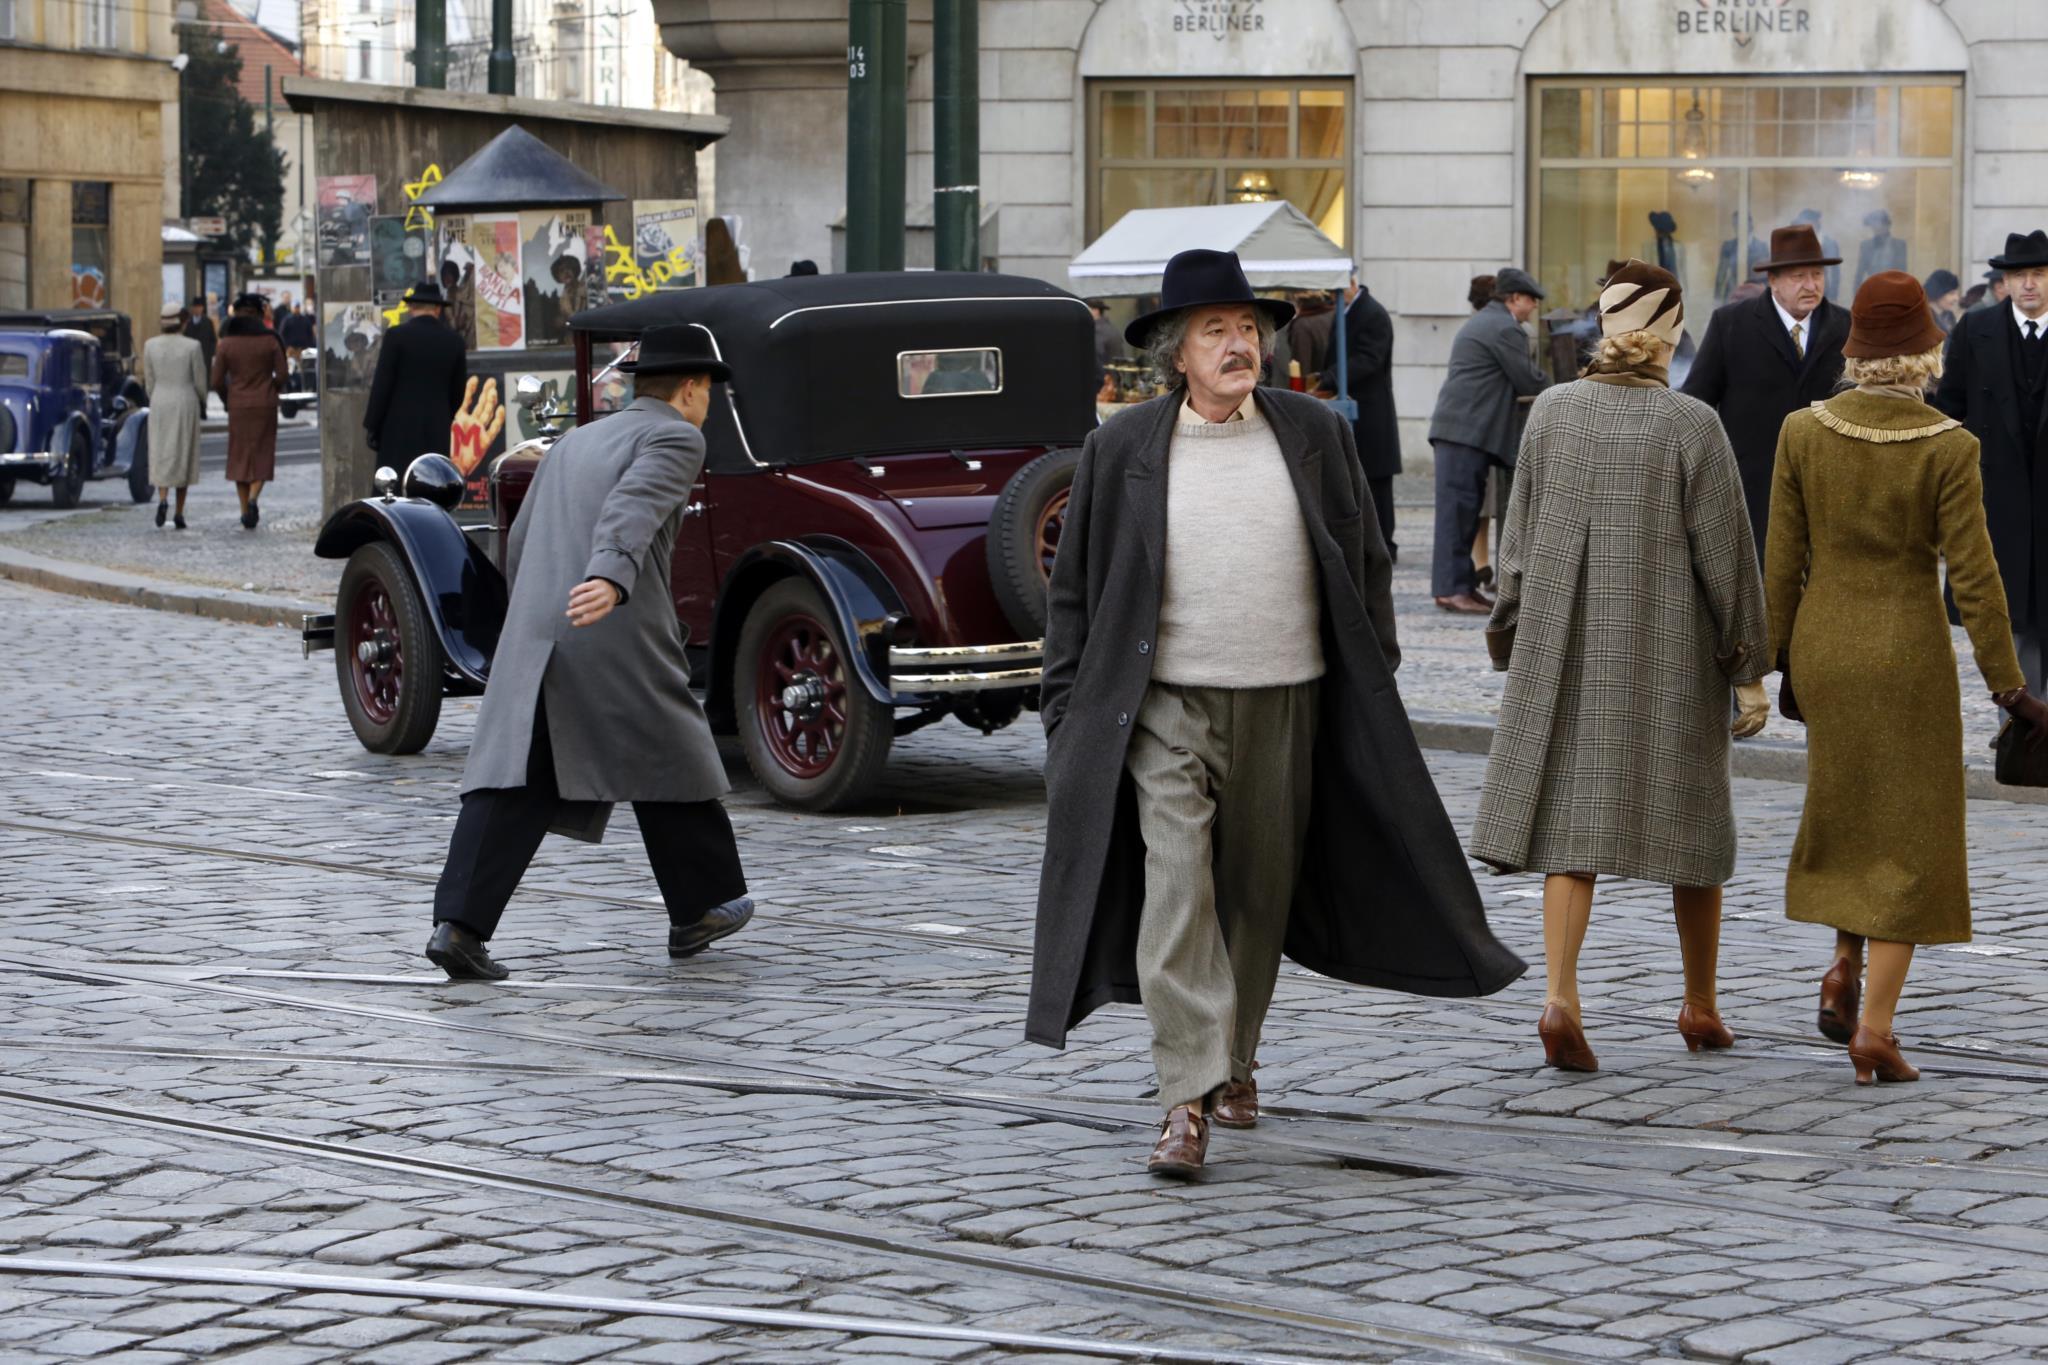 PÚBLICO - Einstein apanhado com as calças na mão